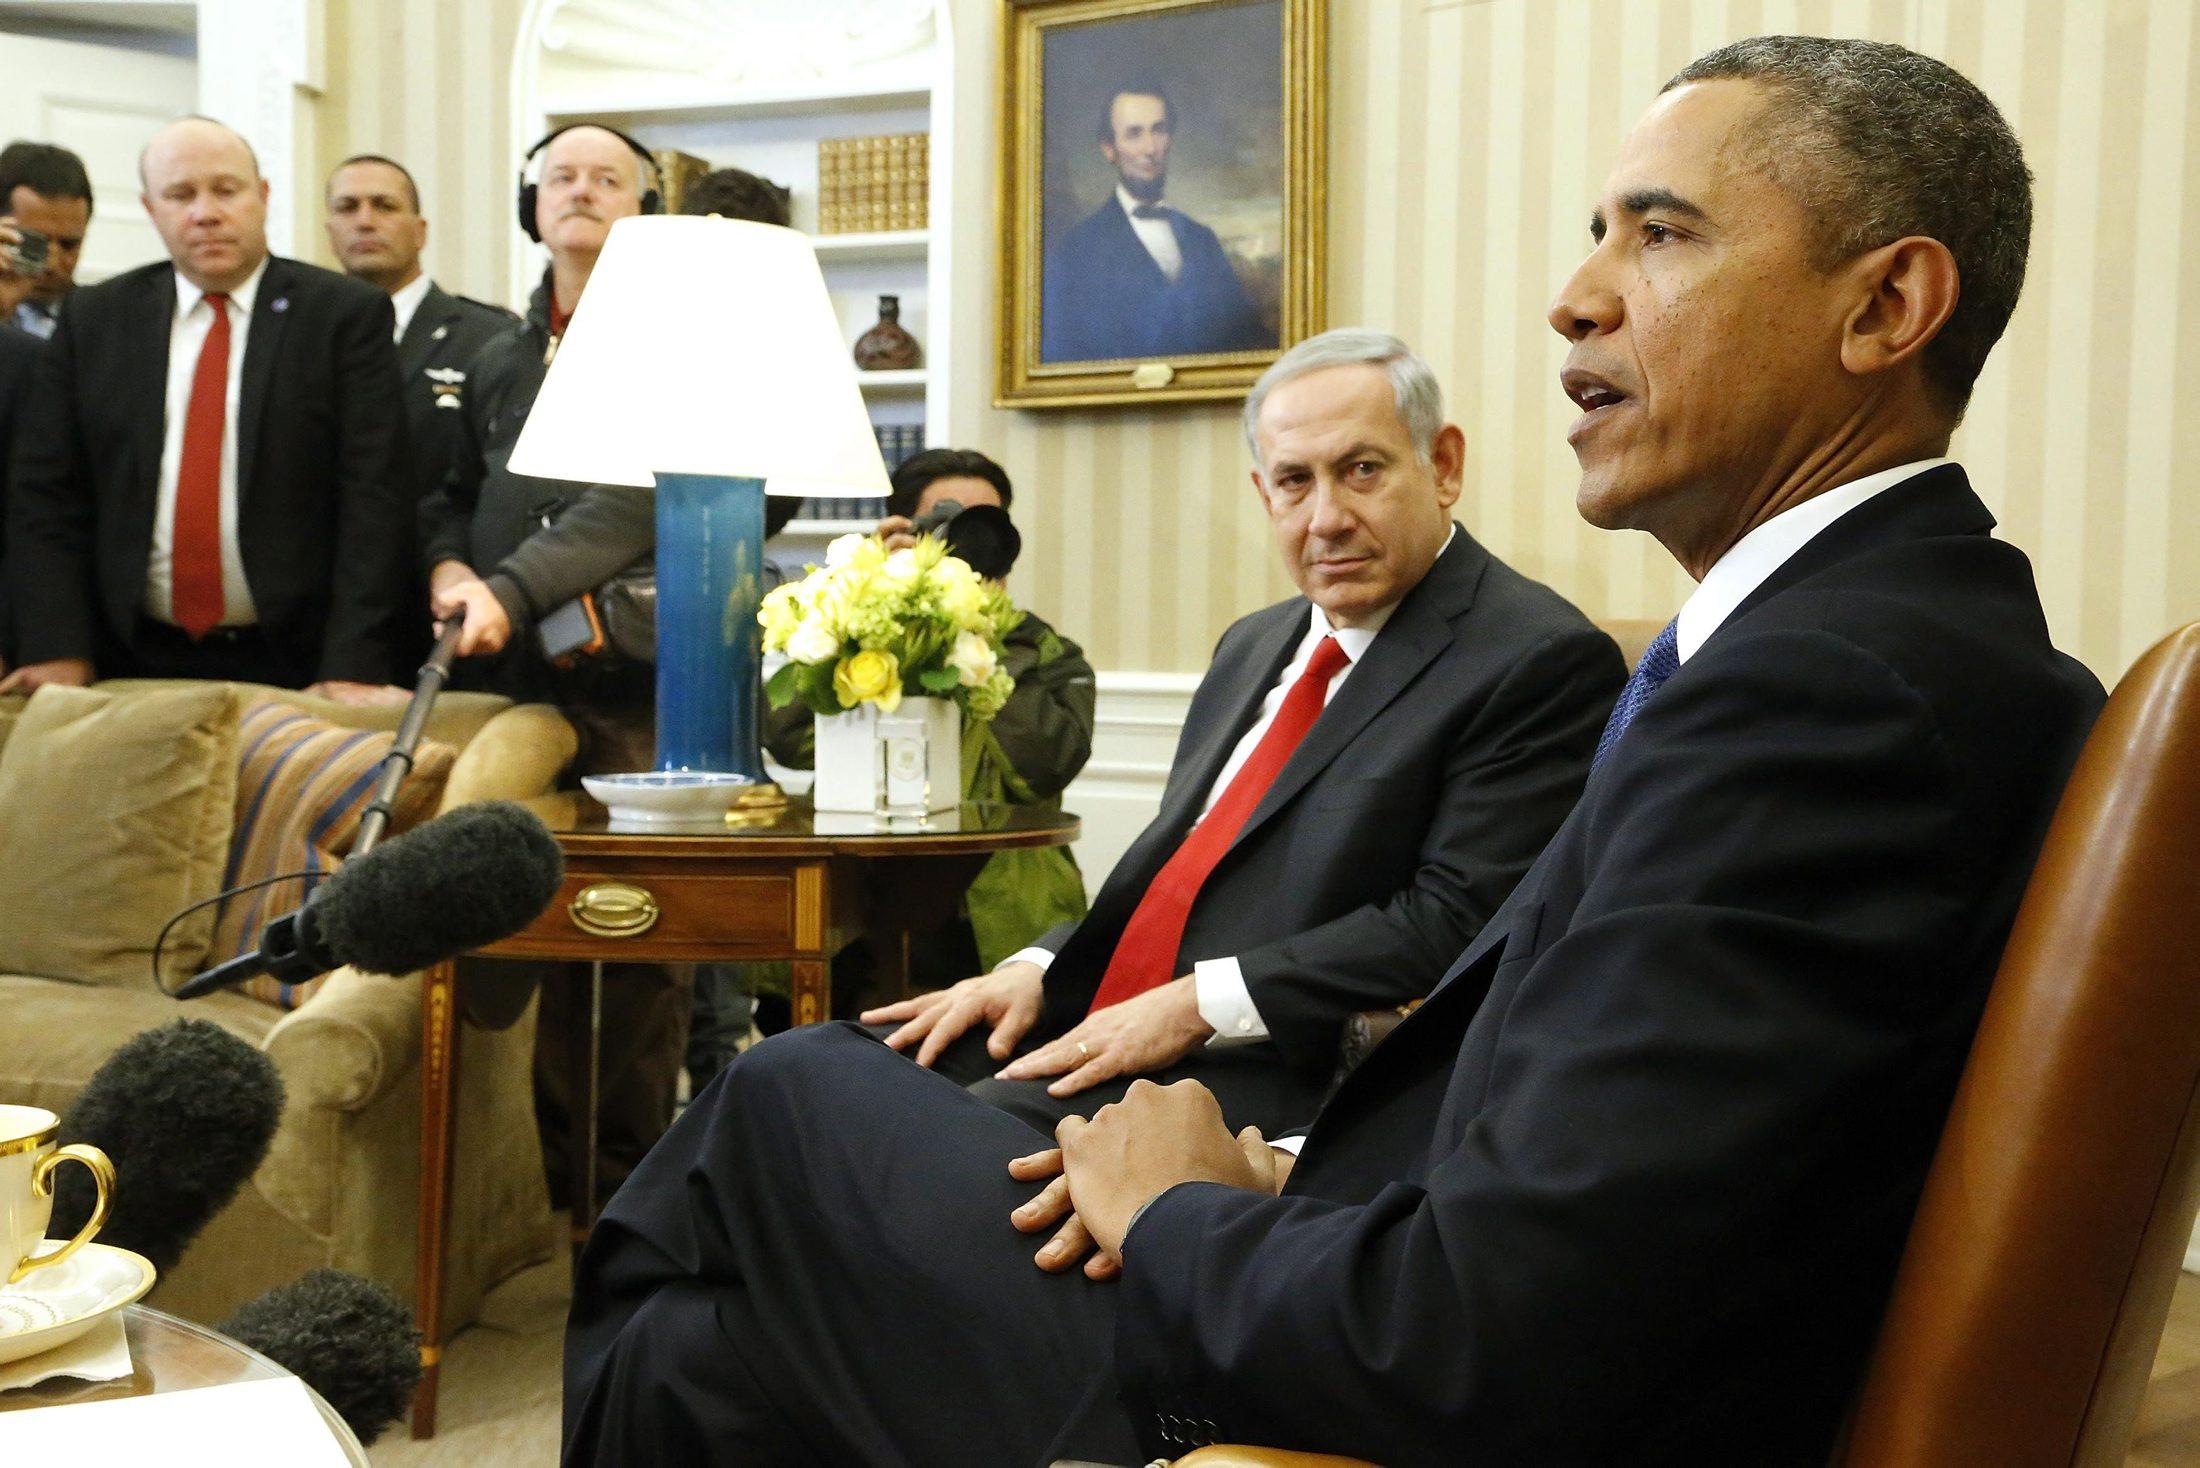 البرنامج النووي الإيراني في مركز محادثات نتانياهو مع أوباما الأربعاء